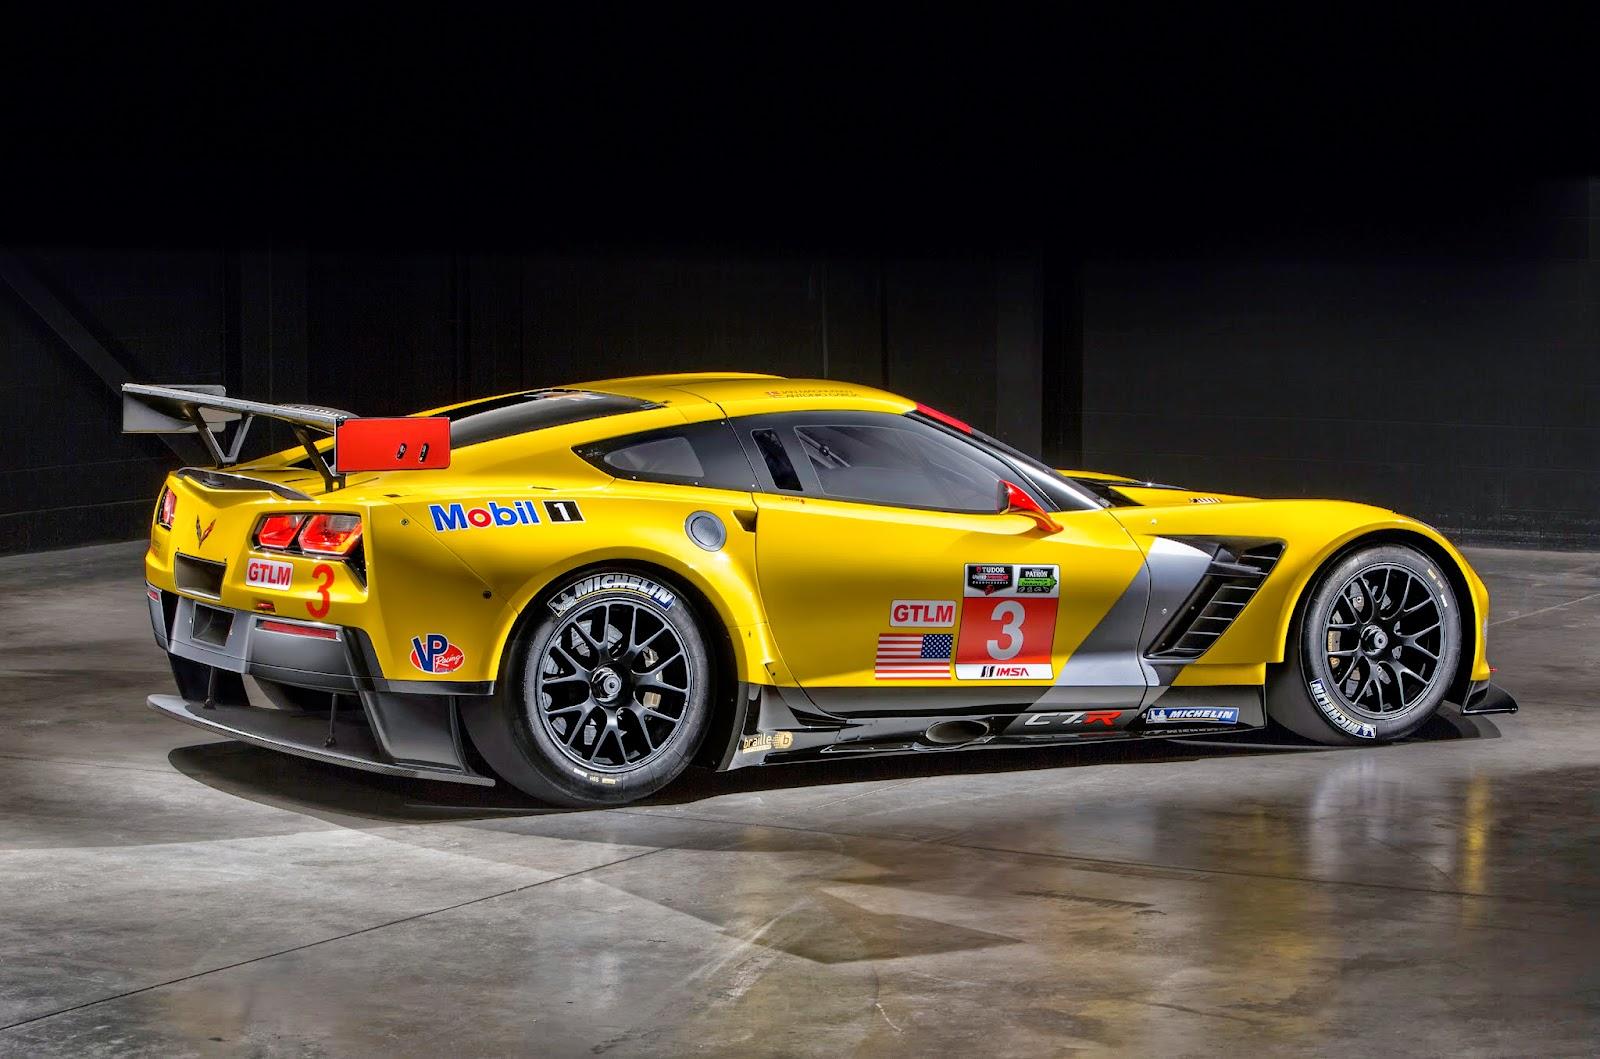 2014-Chevrolet-CorvetteC7R-175.jpg